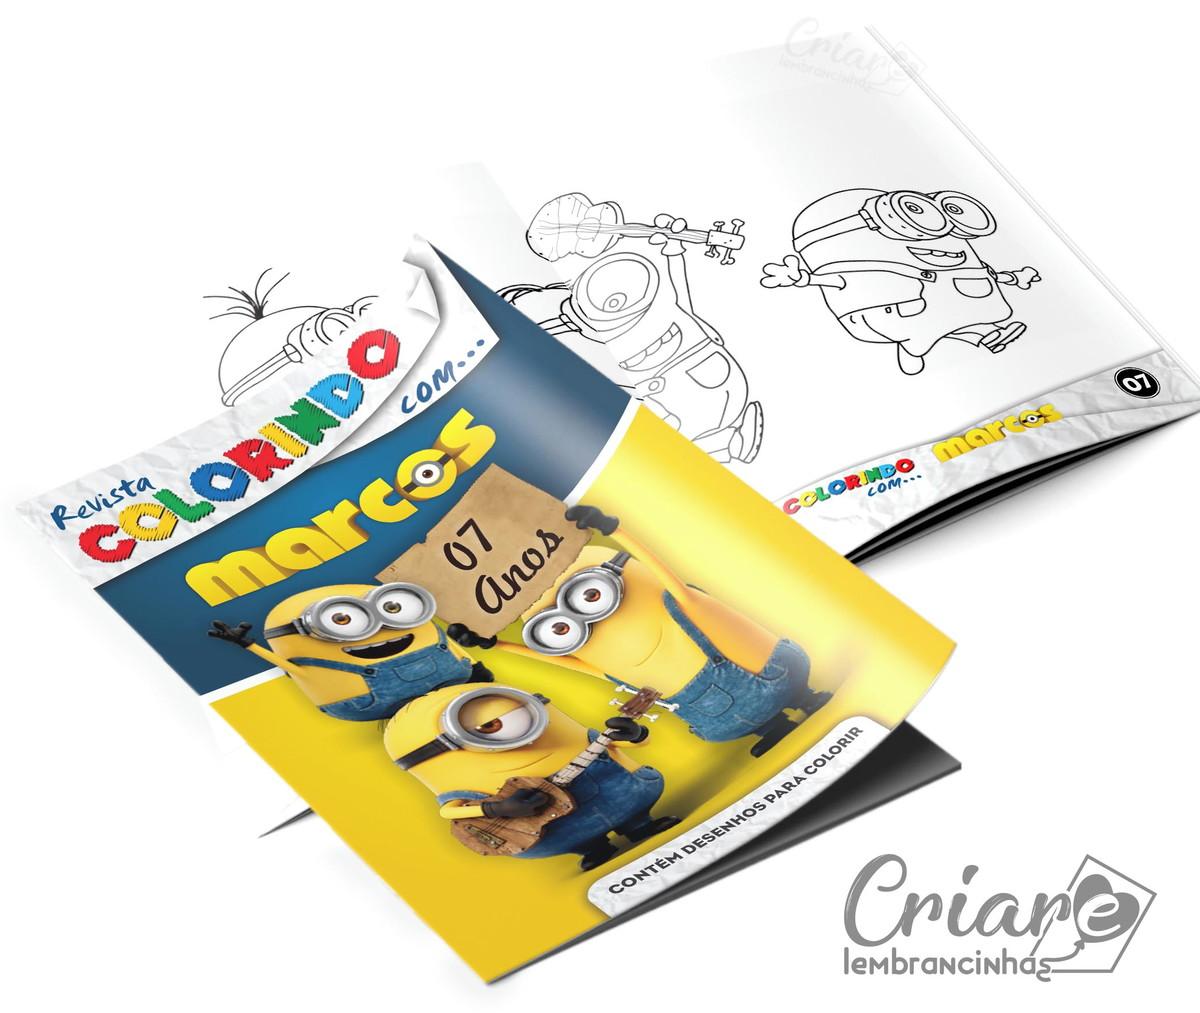 Revista Para Colorir Minions No Elo7 Criare Lembrancinhas